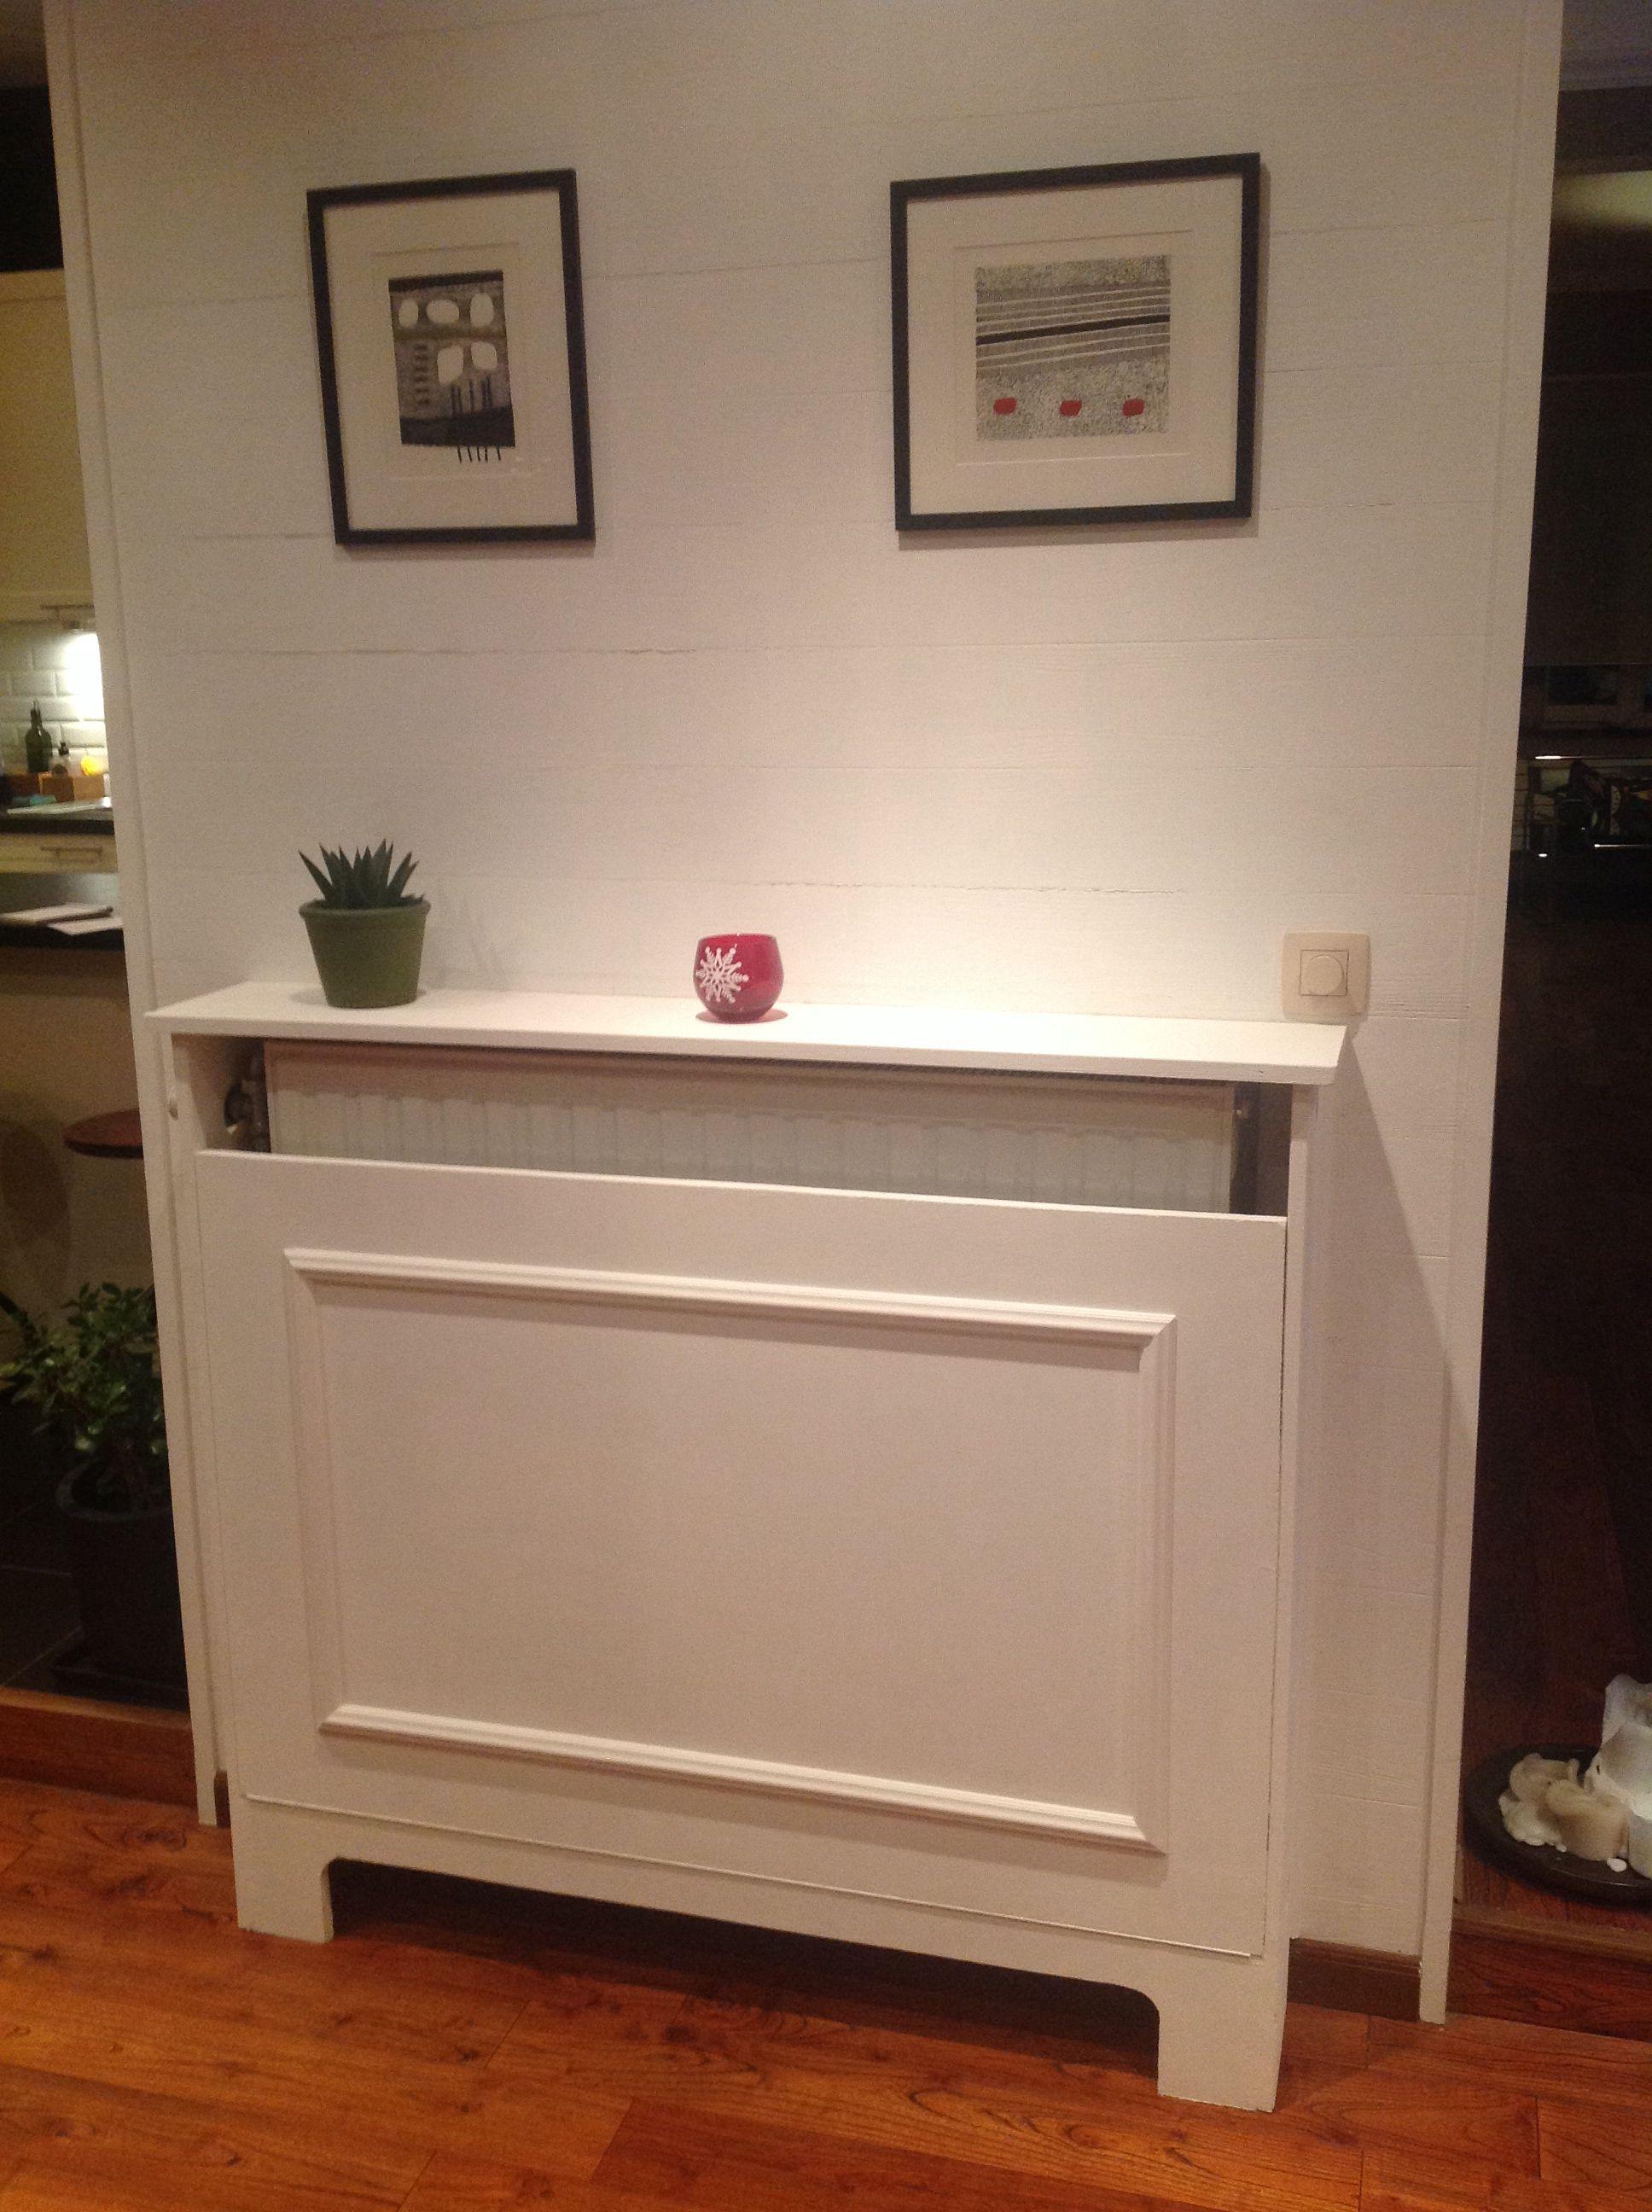 cache radiateur fait maison my creations pinterest. Black Bedroom Furniture Sets. Home Design Ideas